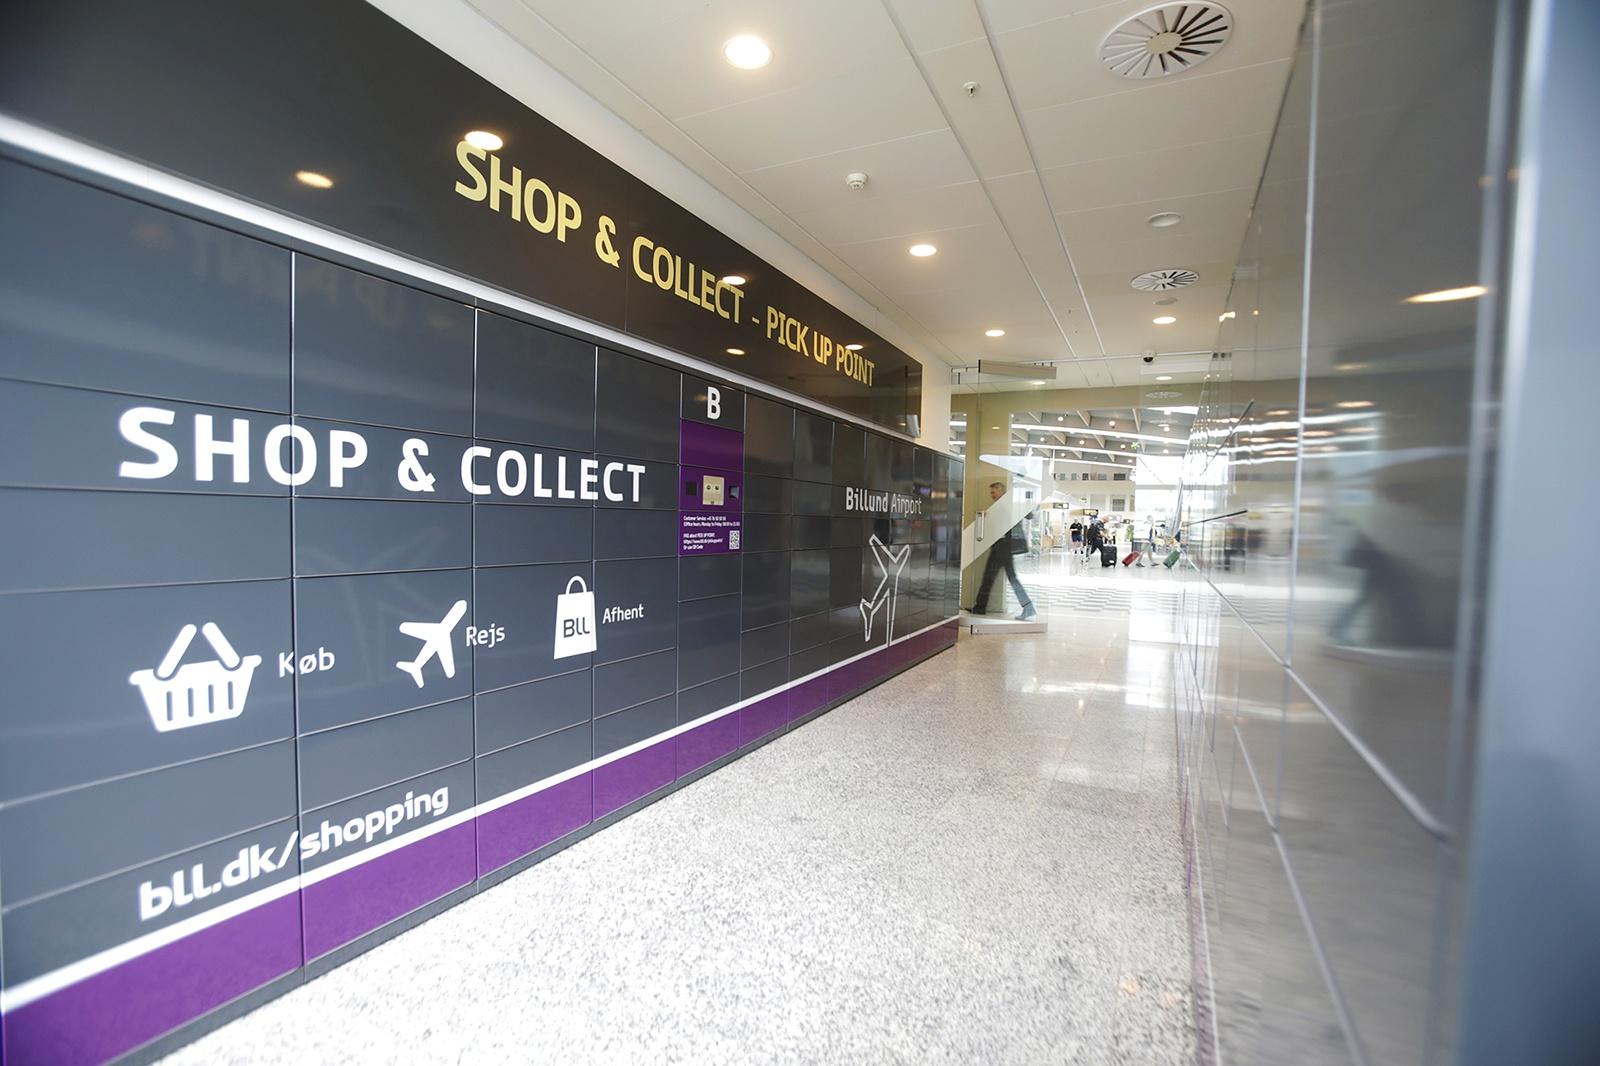 myRENZbox-Billund lufthavn-shop-collect